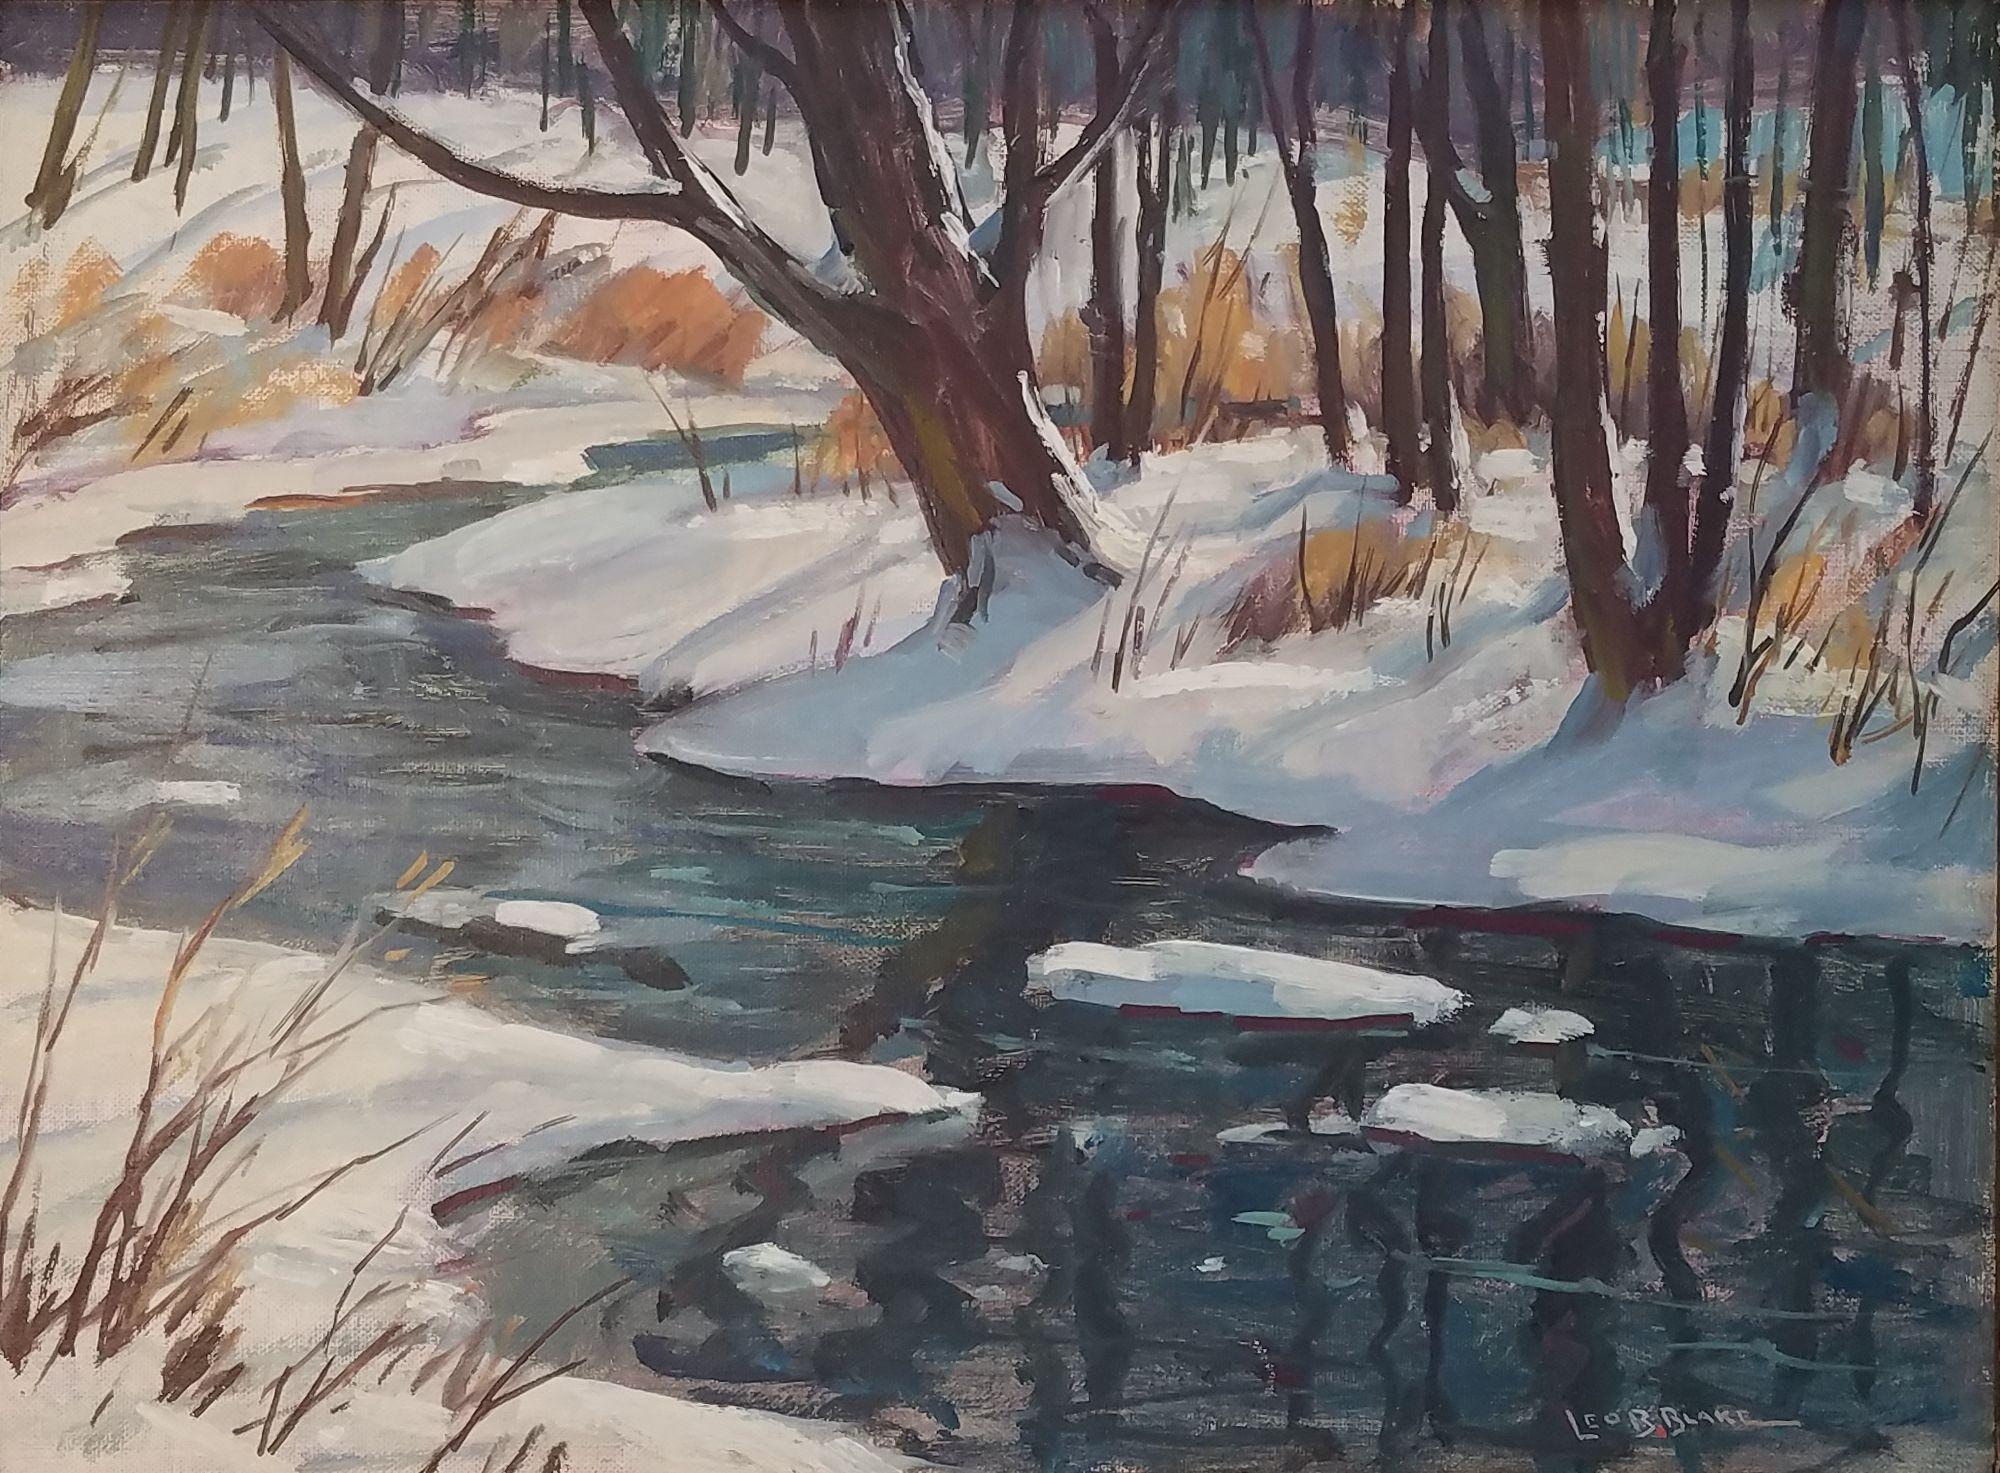 """""""Berkshires Winter Landscape,"""" Leo Blake, Snowy Stream in Massachusetts"""